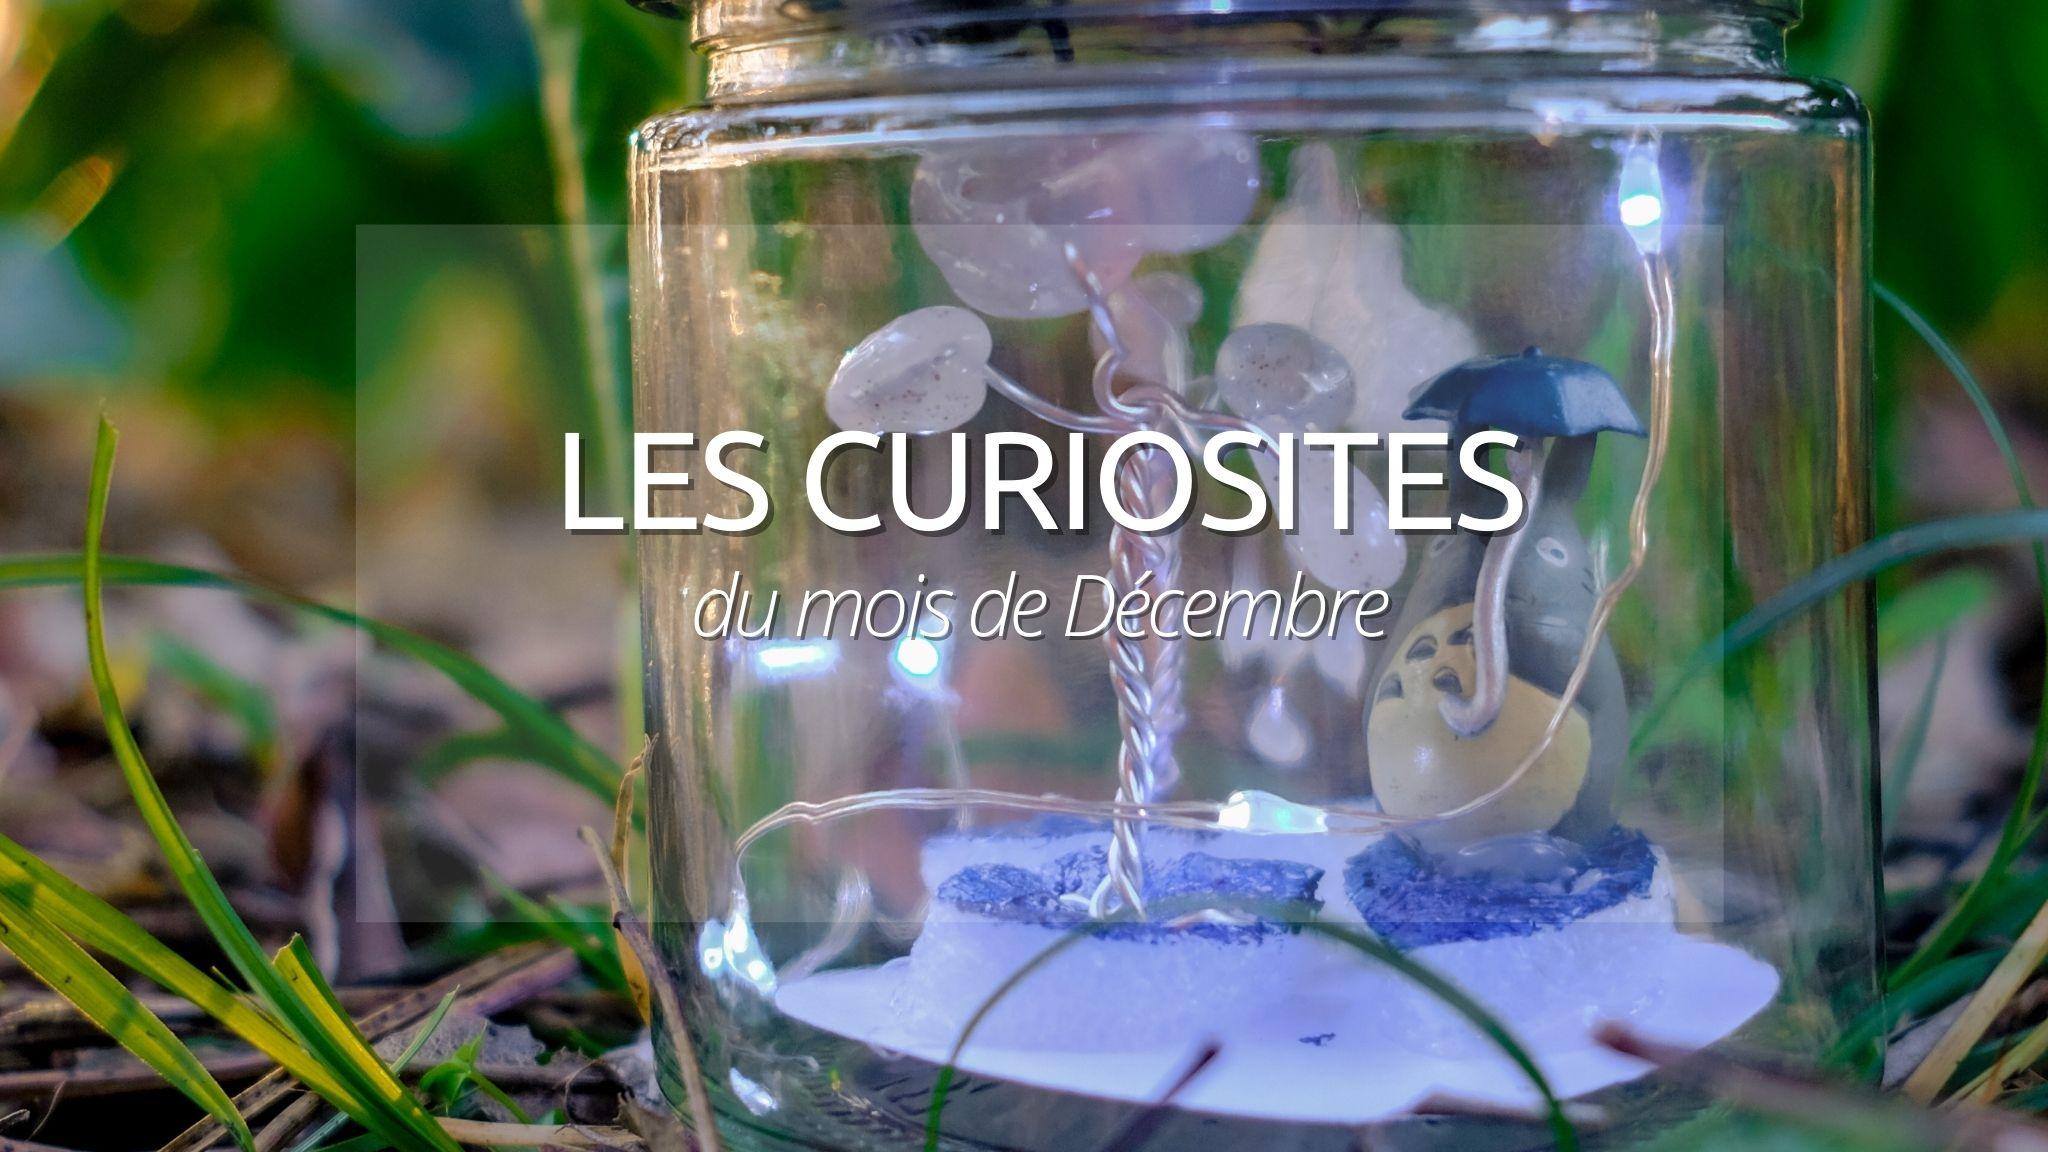 N°3 : Les curiosités de Décembre